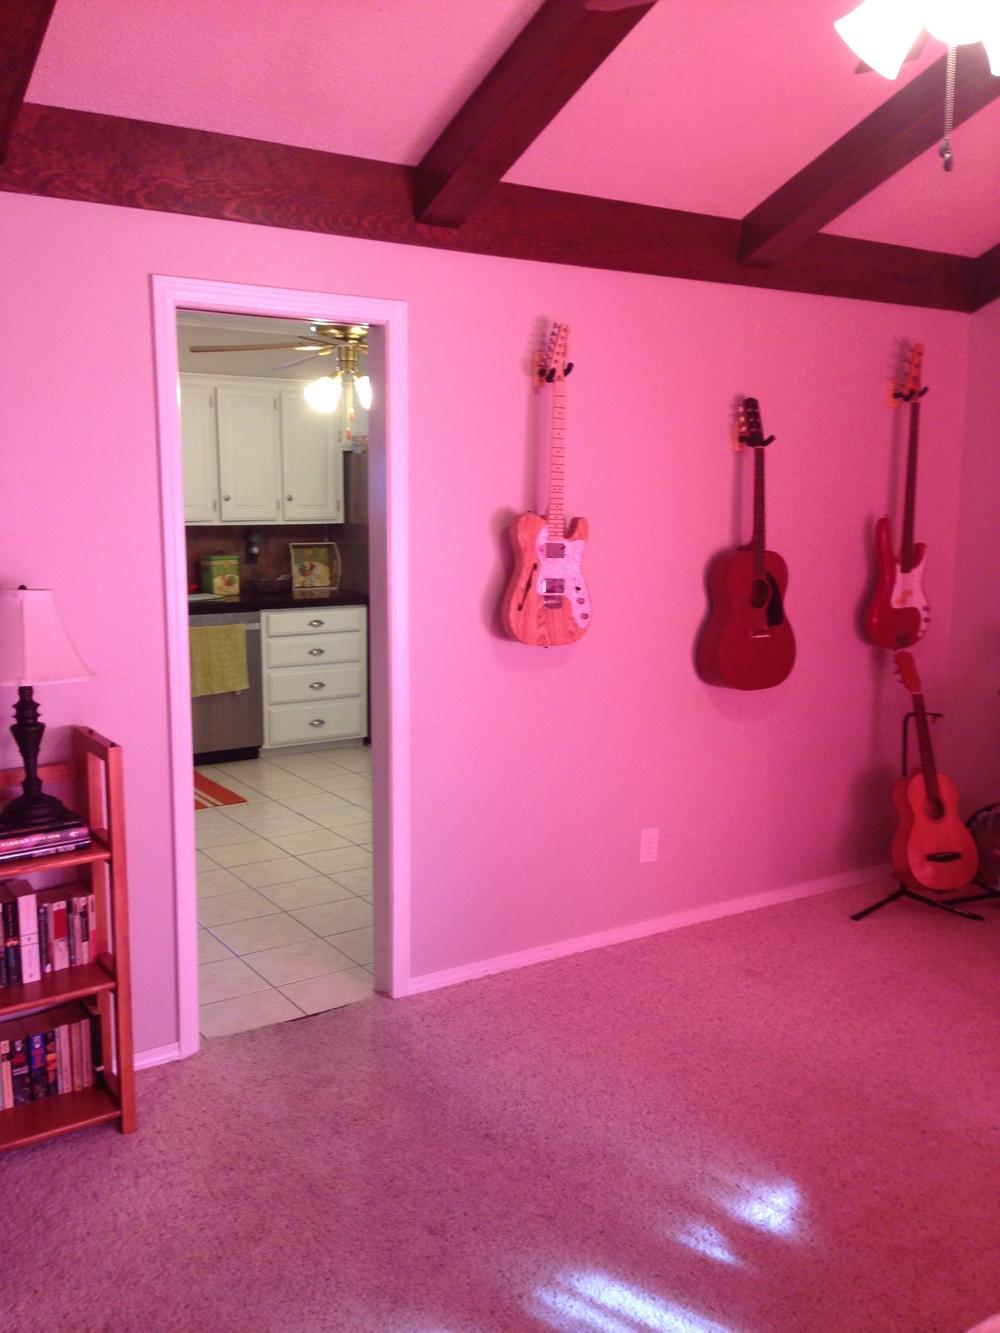 musicroom2.jpg